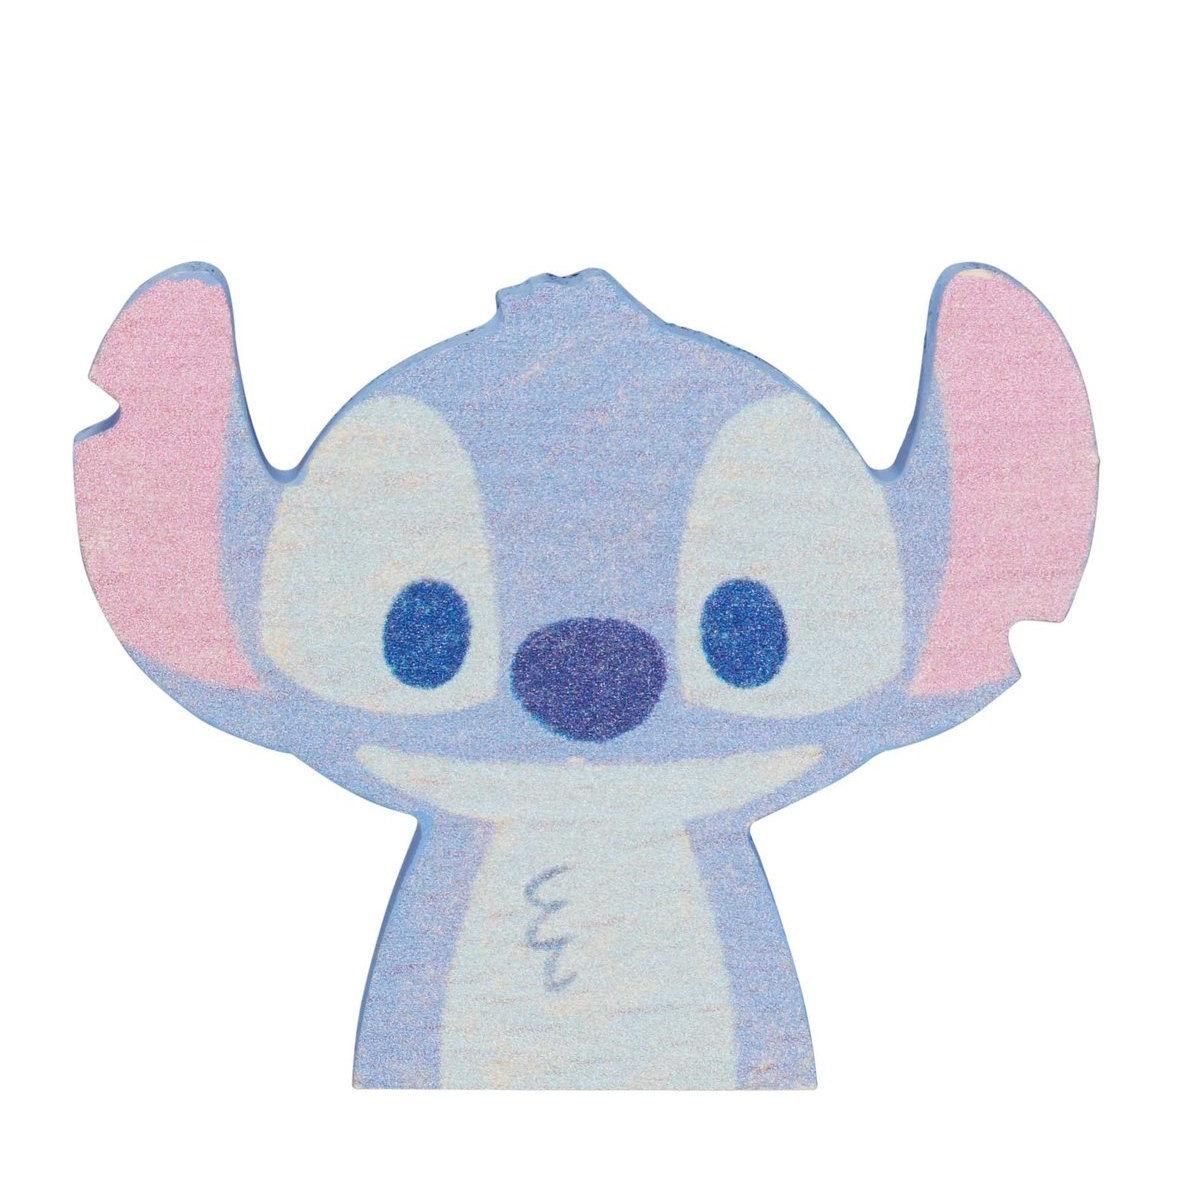 Disneykideaスティッチ ディズニーキャラクター おもちゃ